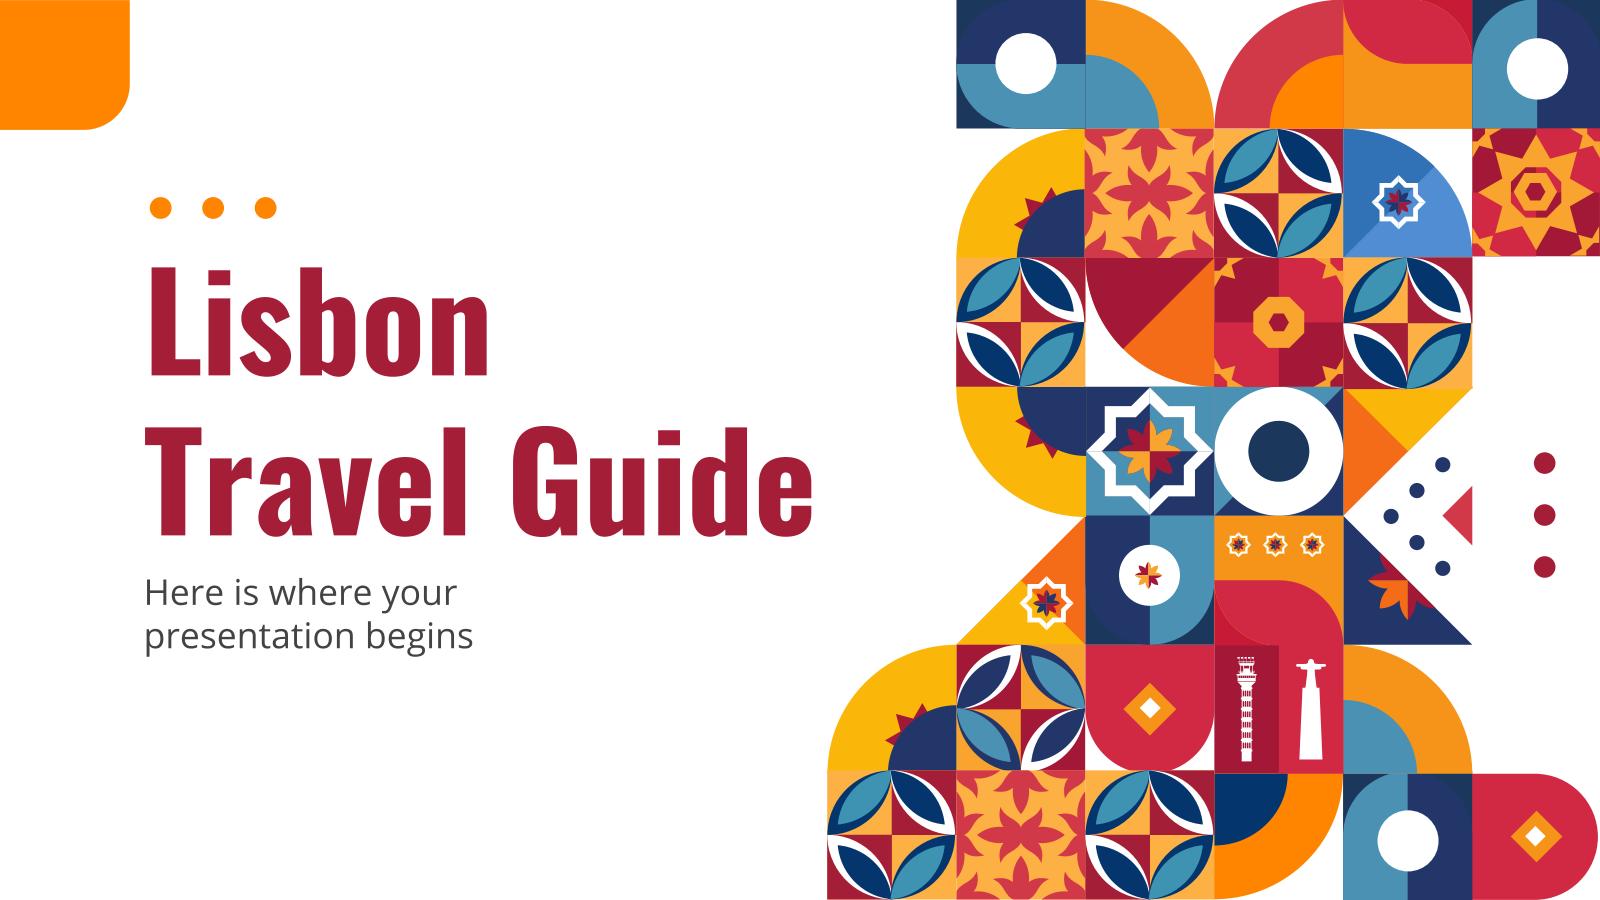 Plantilla de presentación Guía de viaje de Lisboa